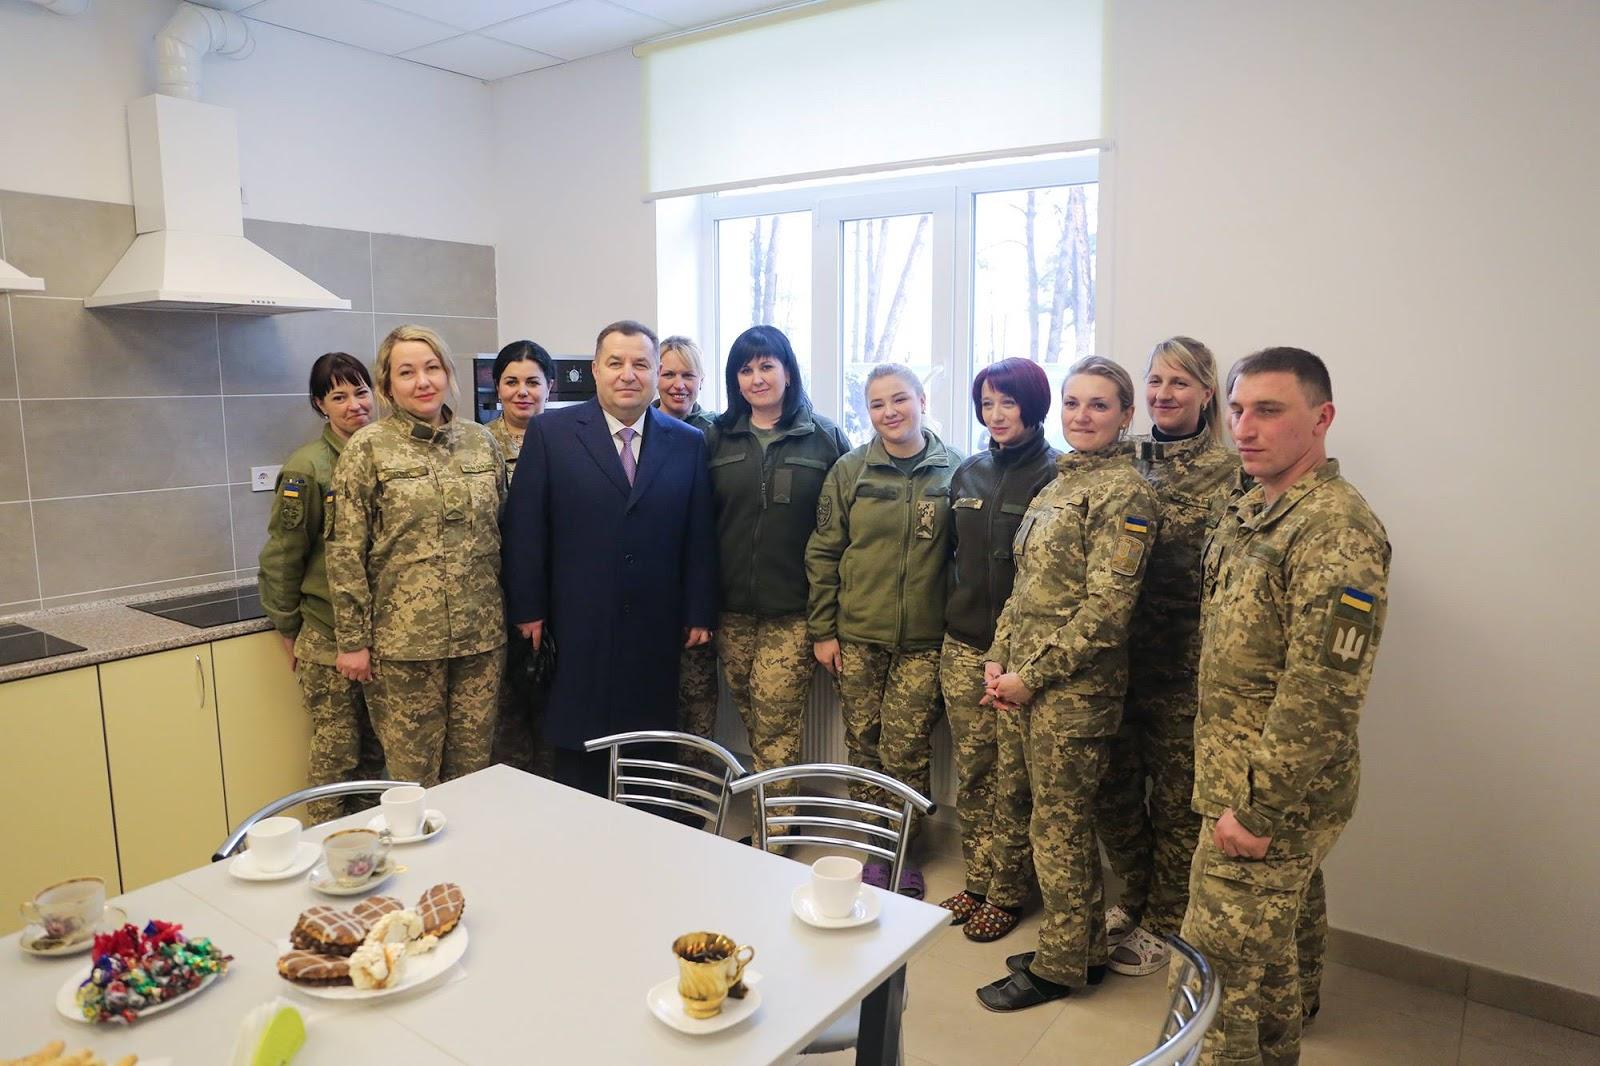 Ще 250 солдатів і кіт оселилися у комфортні гуртожитки